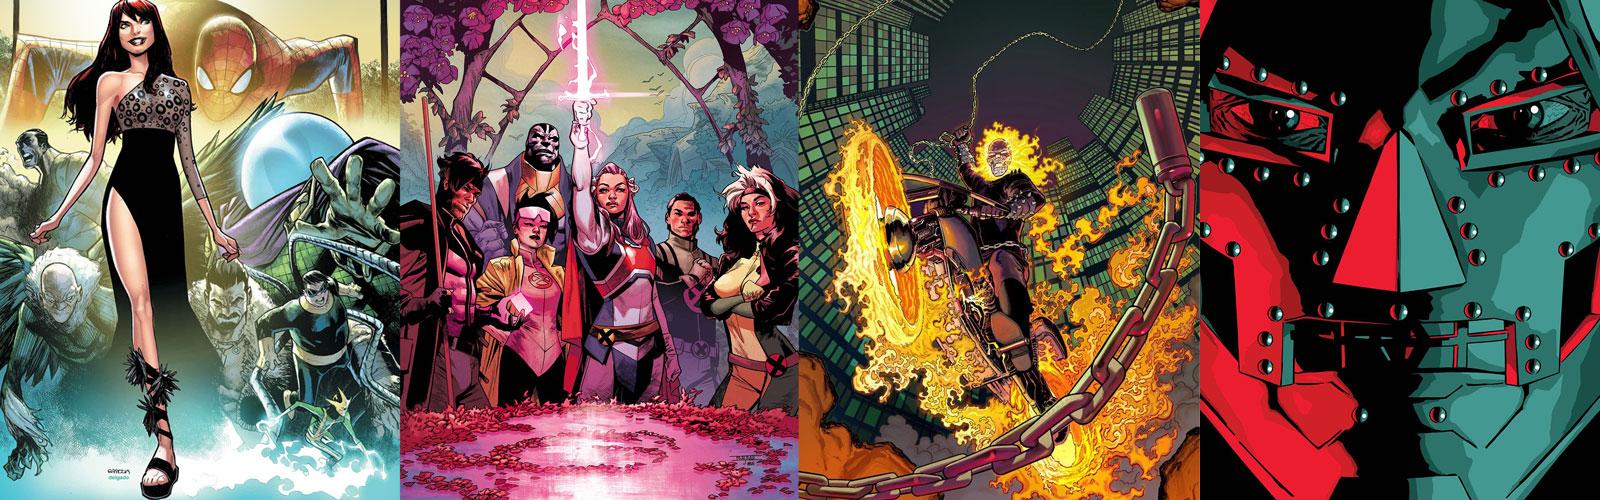 Solicitations: October 2019 – Marvel Comics